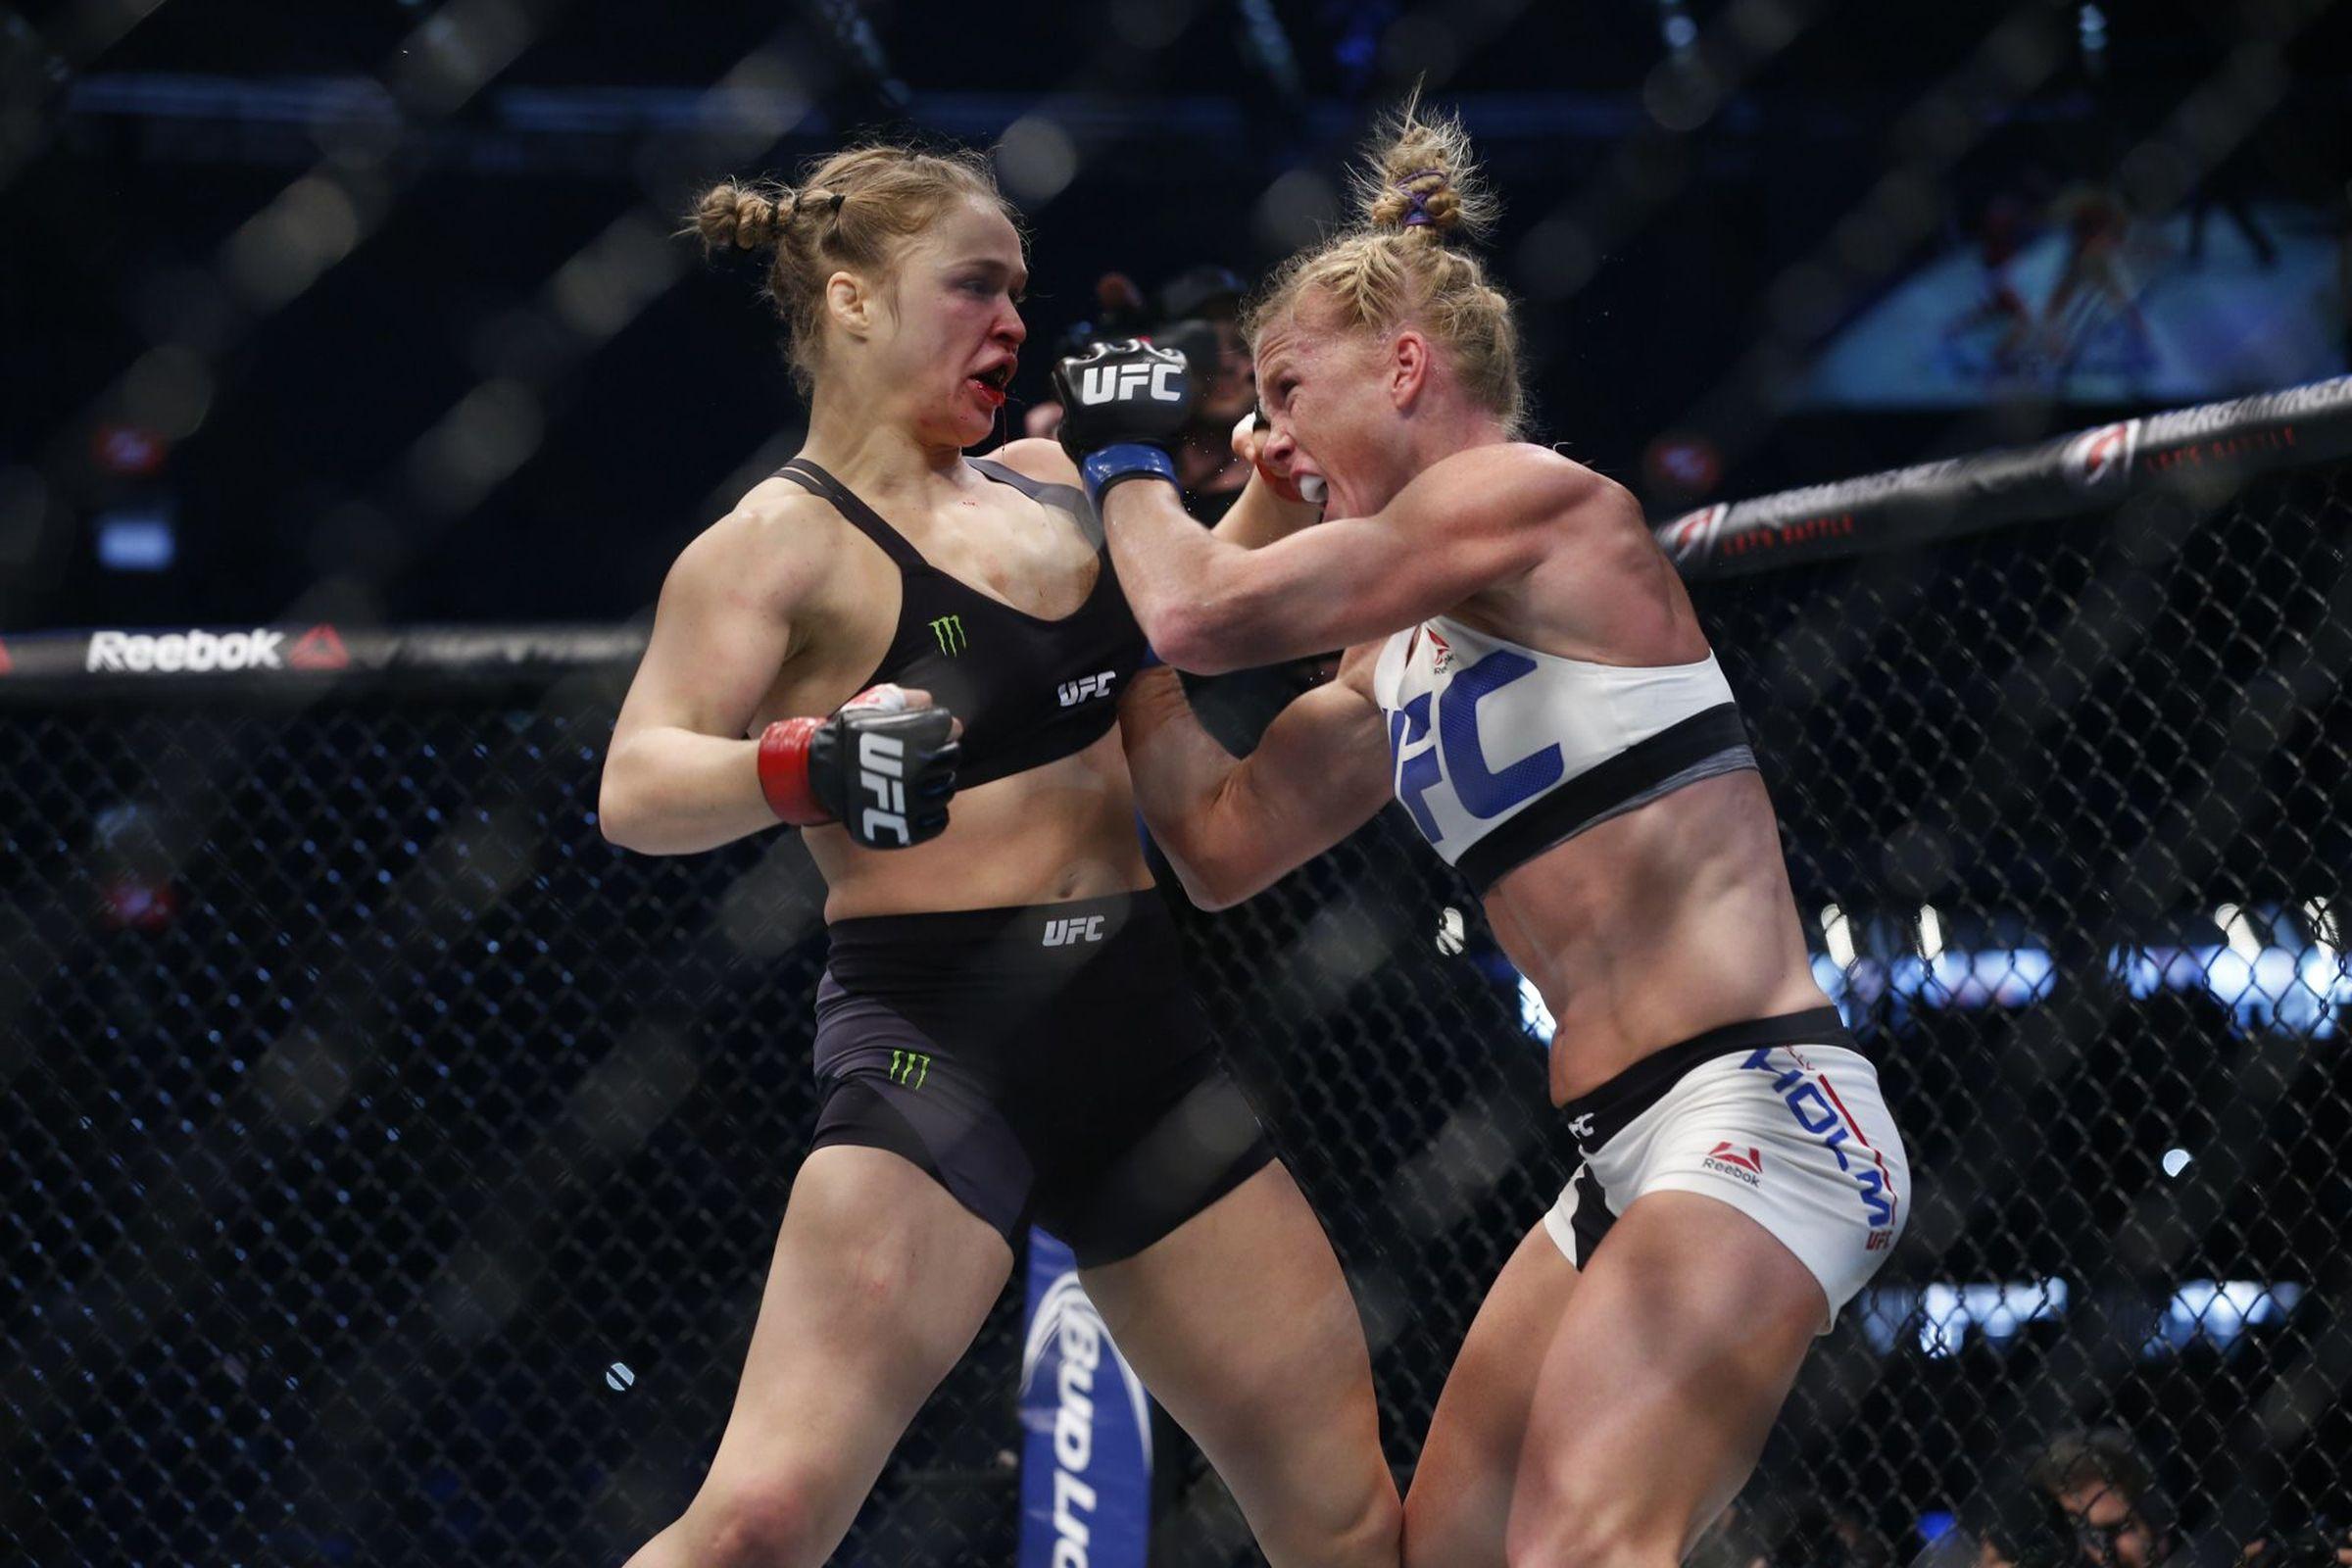 Ronda, um nocaute de vendas! - Tribo MMA